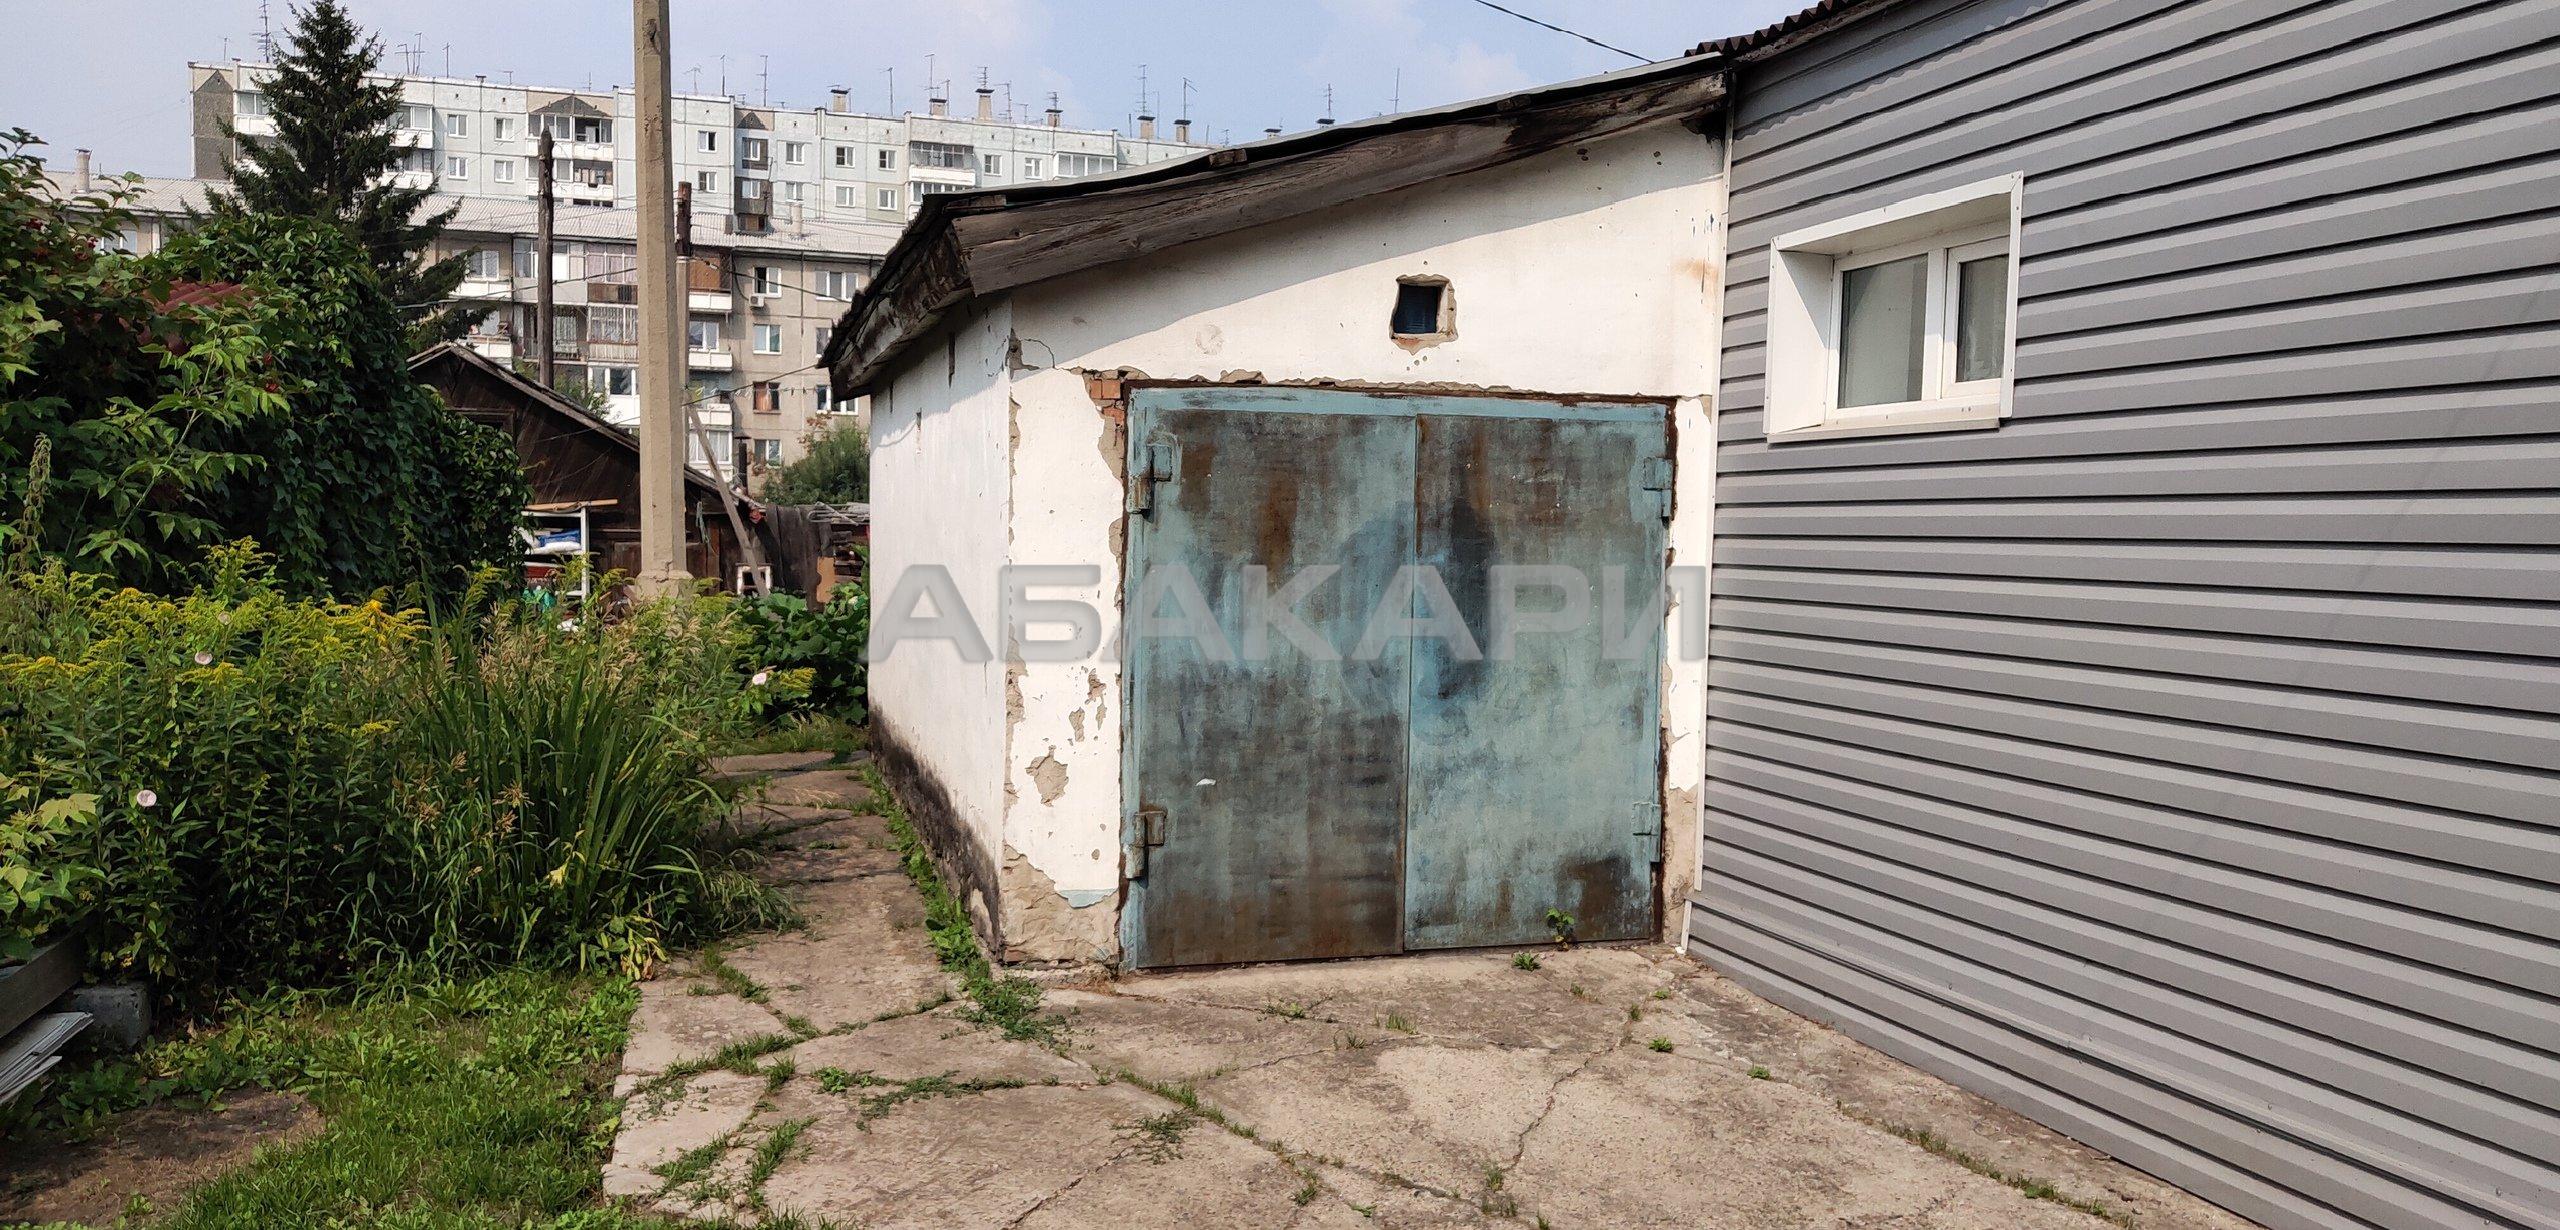 1к квартира ул Академика Вавилова, д 34   7000   аренда в Красноярске фото 4